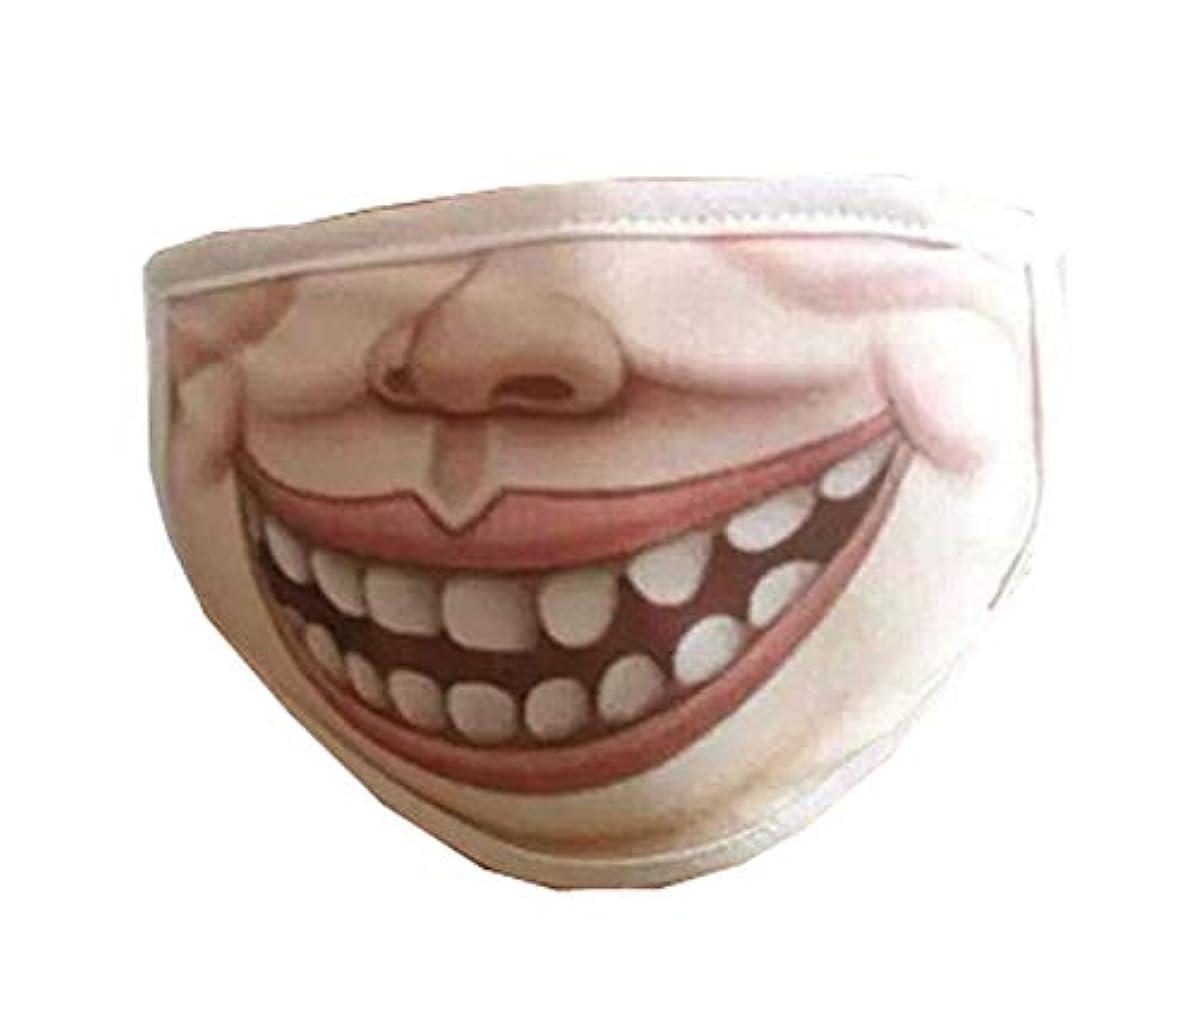 九関連するアサー面白い口のマスク、かわいいユニセックス顔の十代のマスク(G2)